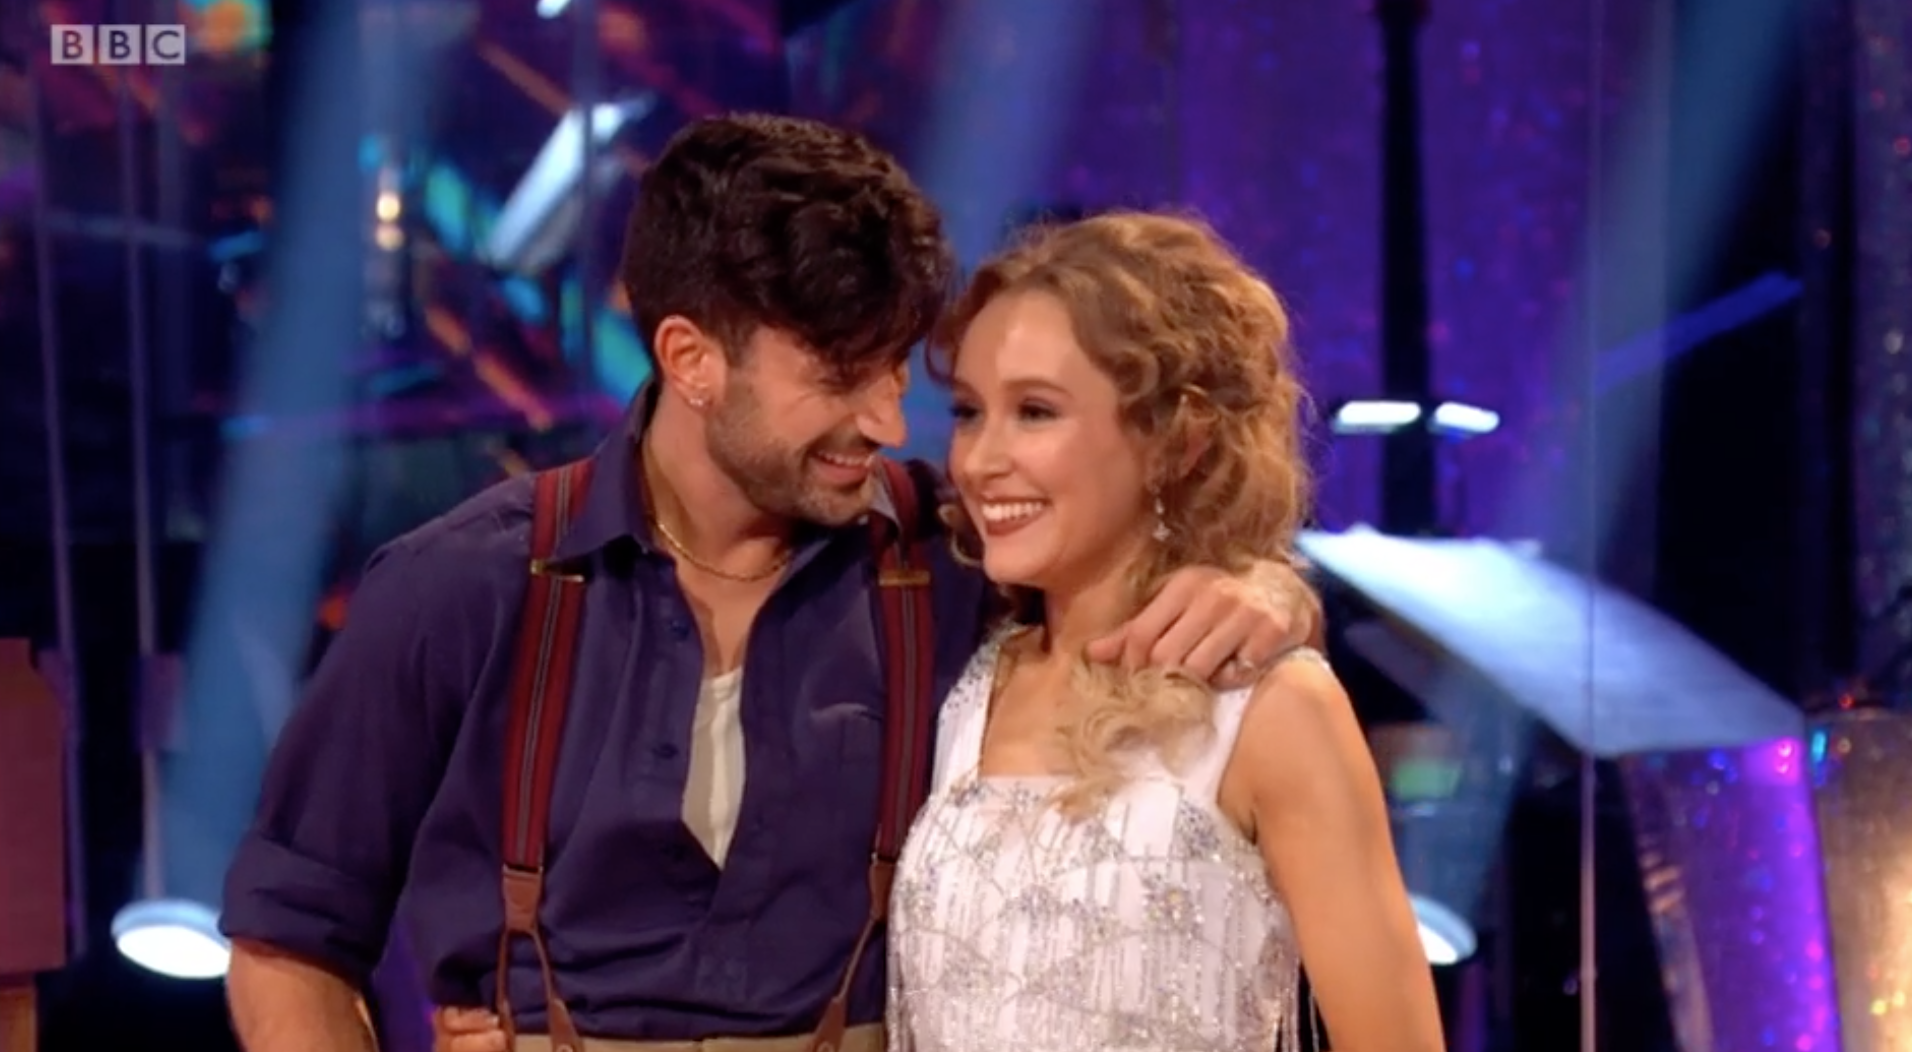 Rose y Giovanni en Strictly Come Dancing